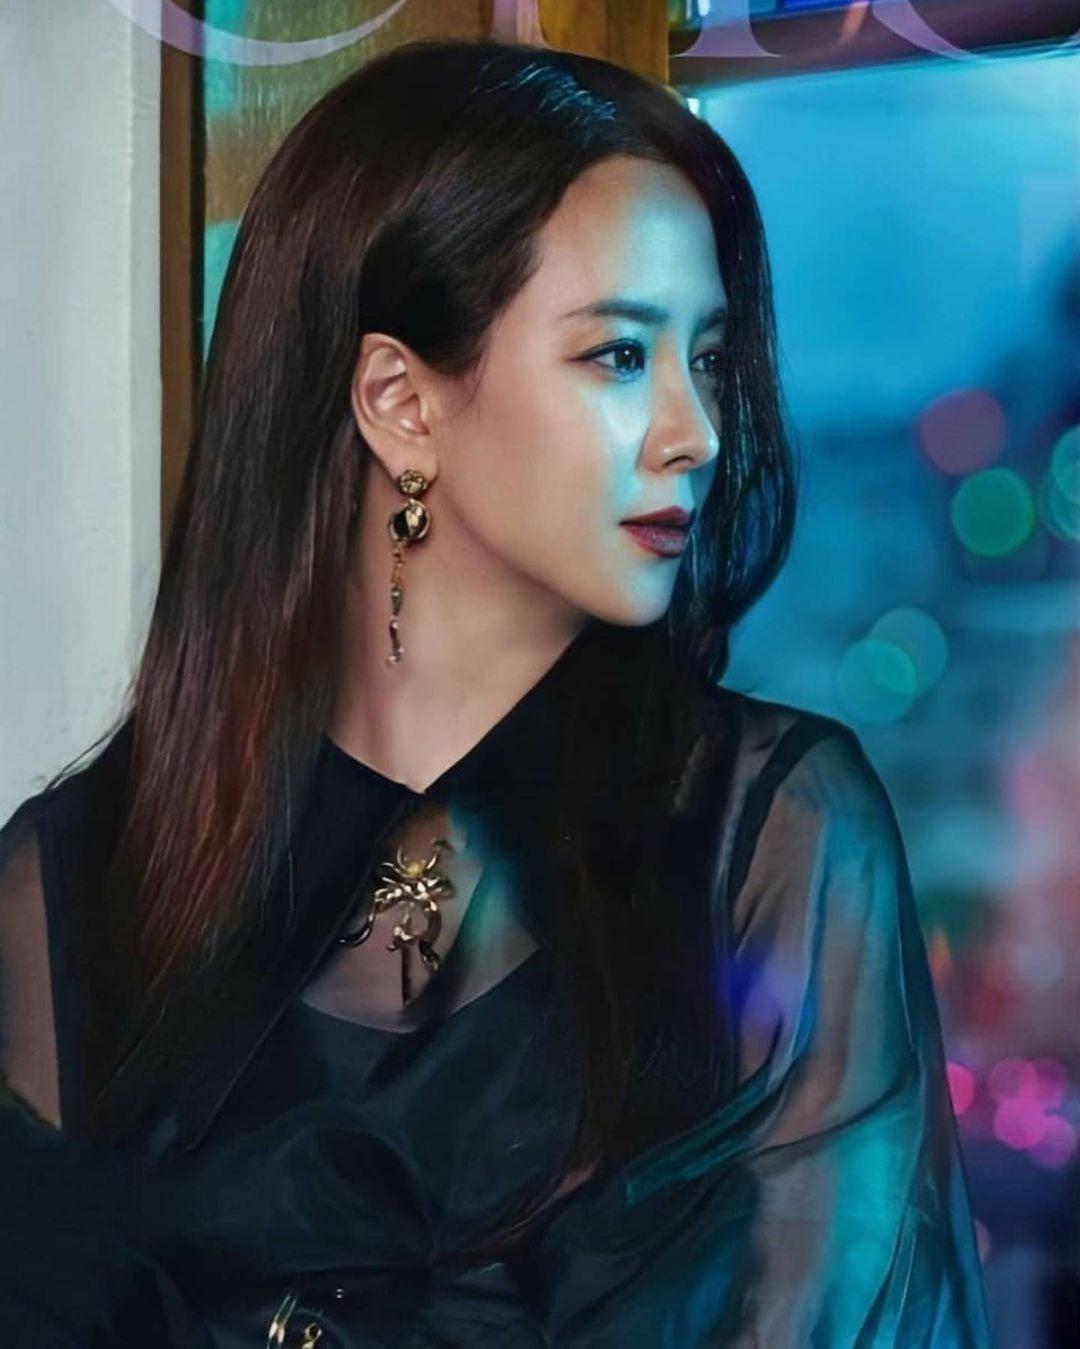 Không nhận ra Mợ Ngố Song Ji Hyo trong phim mới: Tạo hình sang nhưng khiến cô già hơn, phản ứng của netizen lại đáo ngược - Ảnh 2.